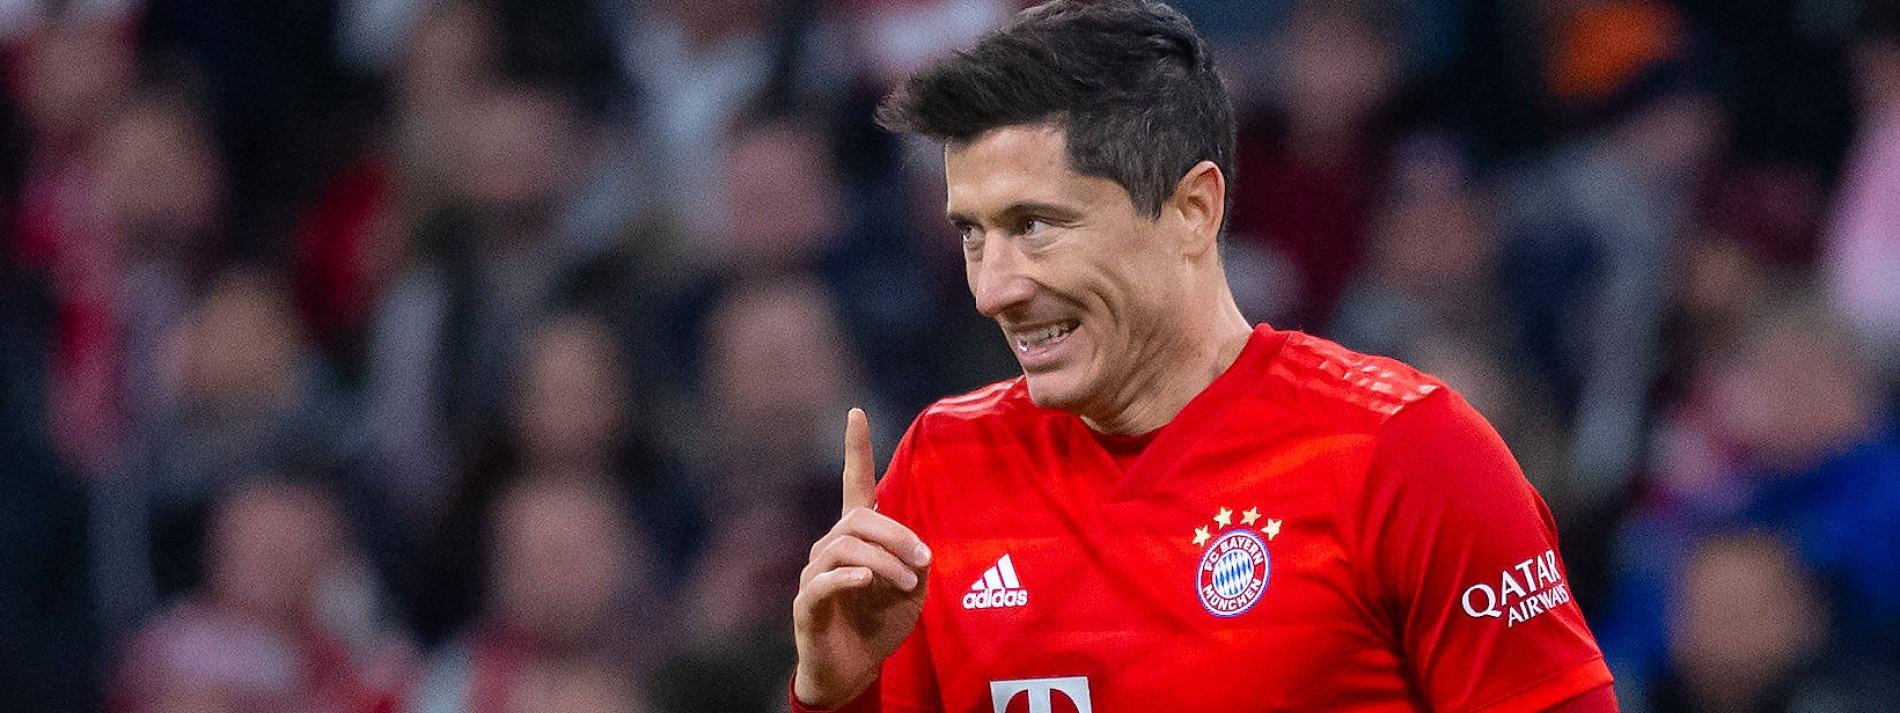 Der spezielle Plan des FC Bayern mit Lewandowski